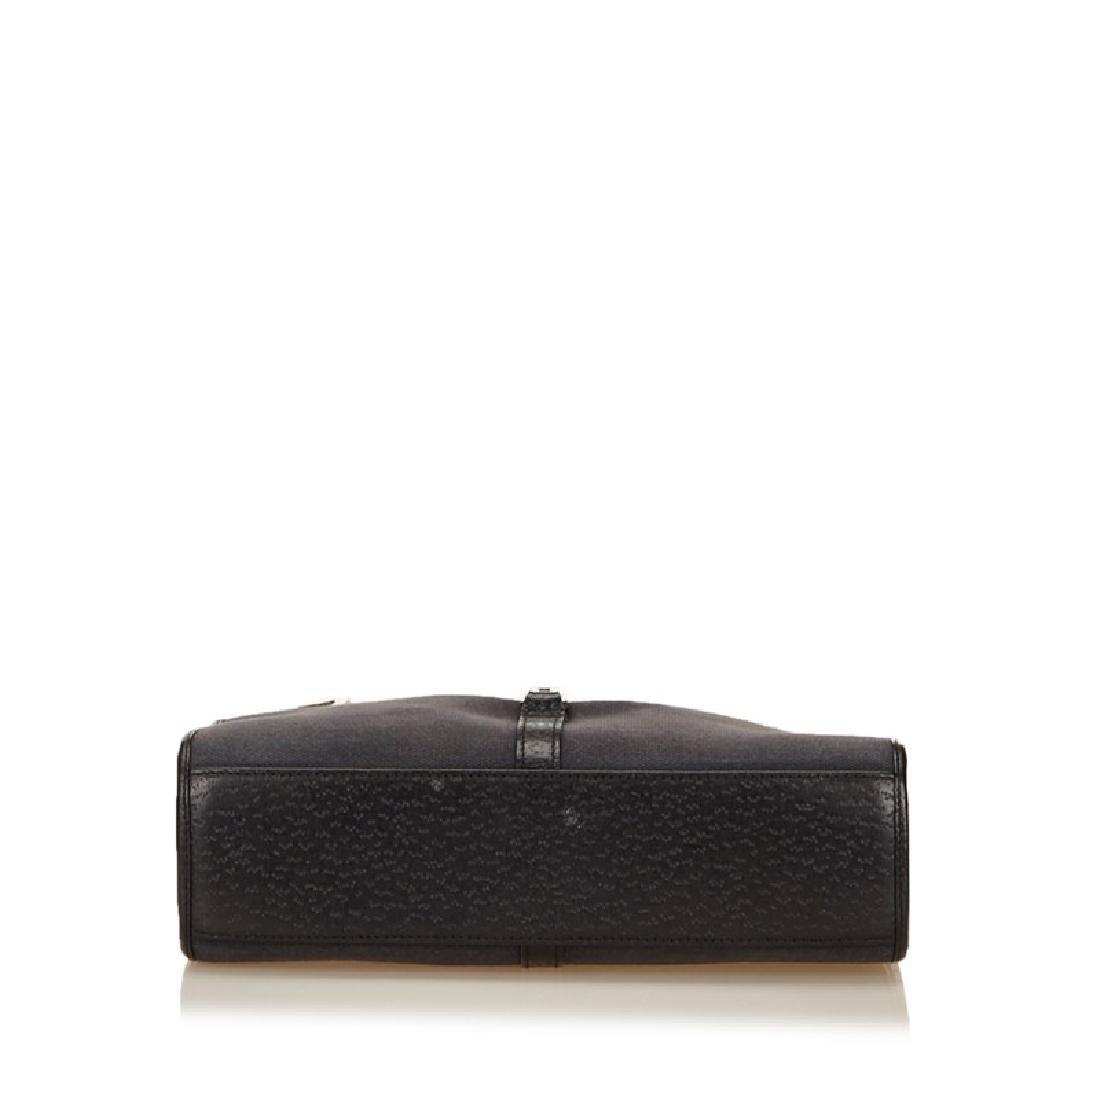 Gucci Black Canvas Leather Jackie Shoulder Bag - 4